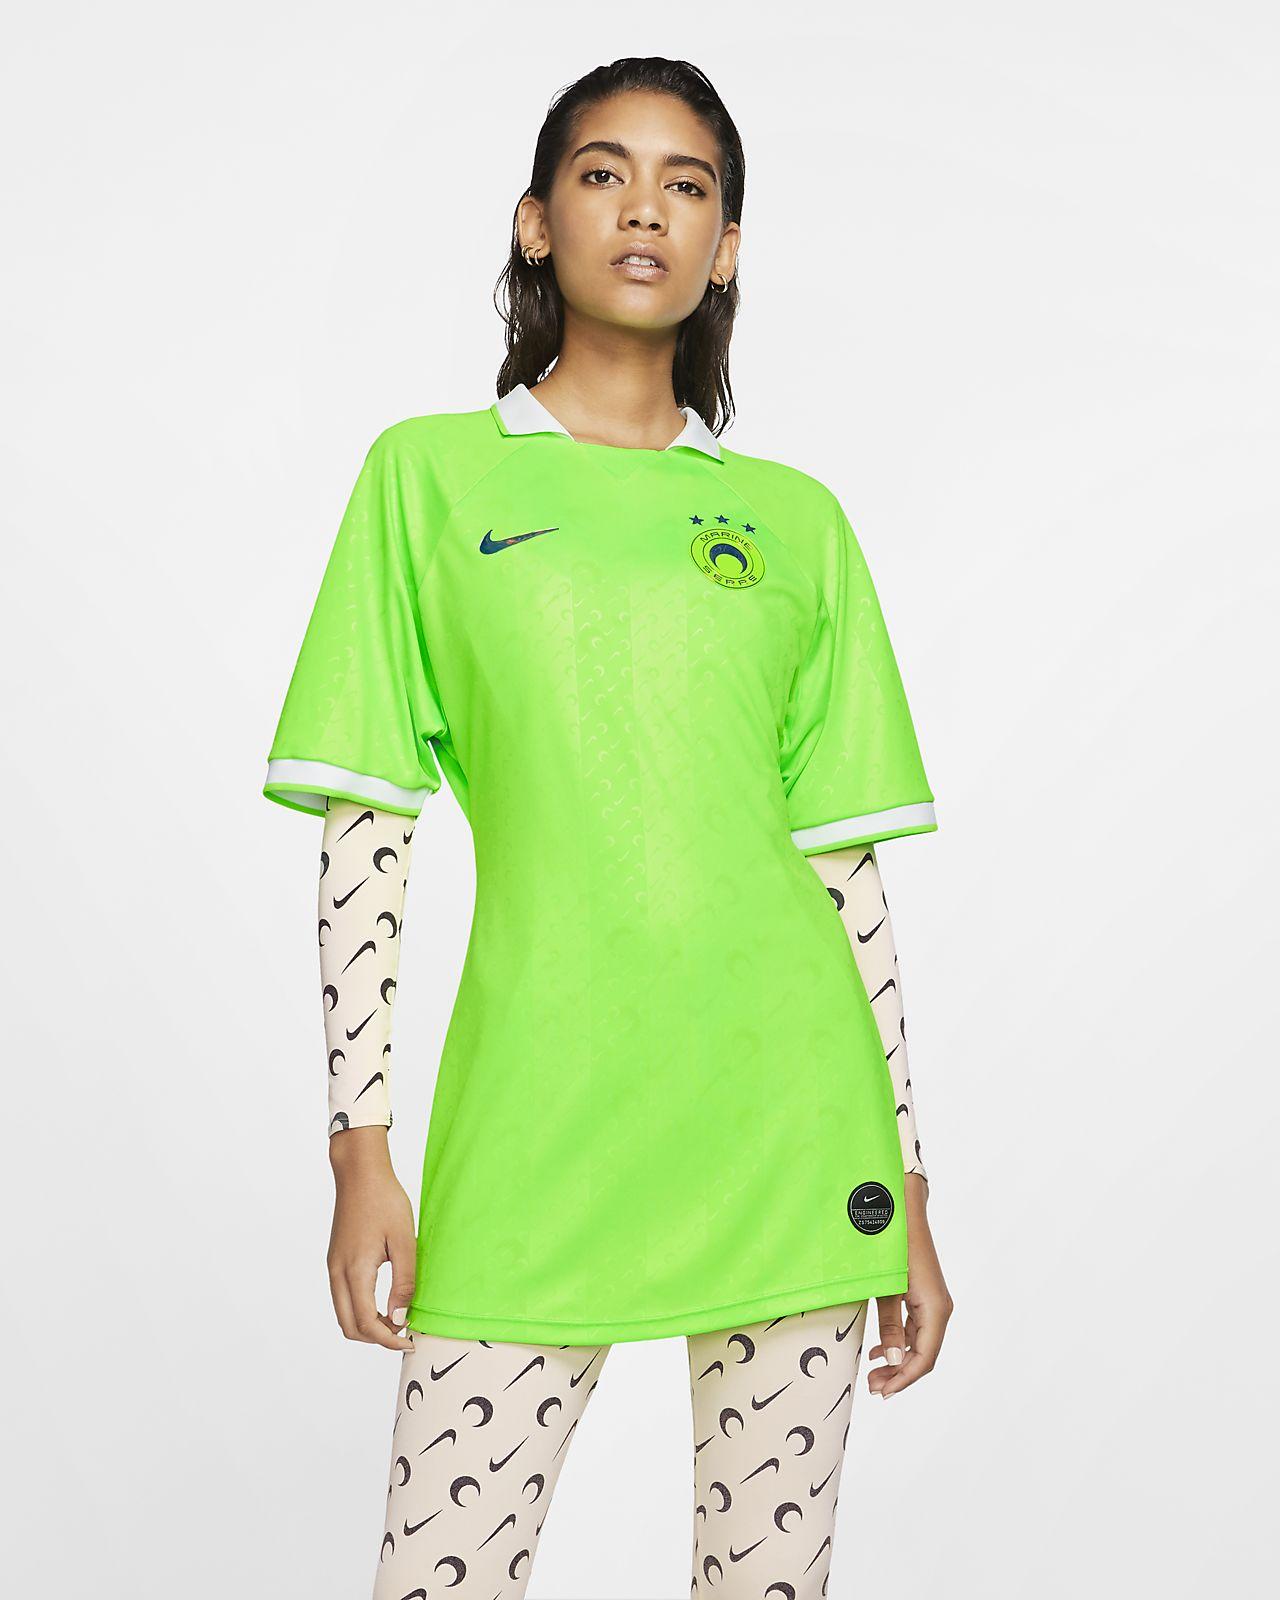 Nike x Marine Serre 2-in-1 女子球衣